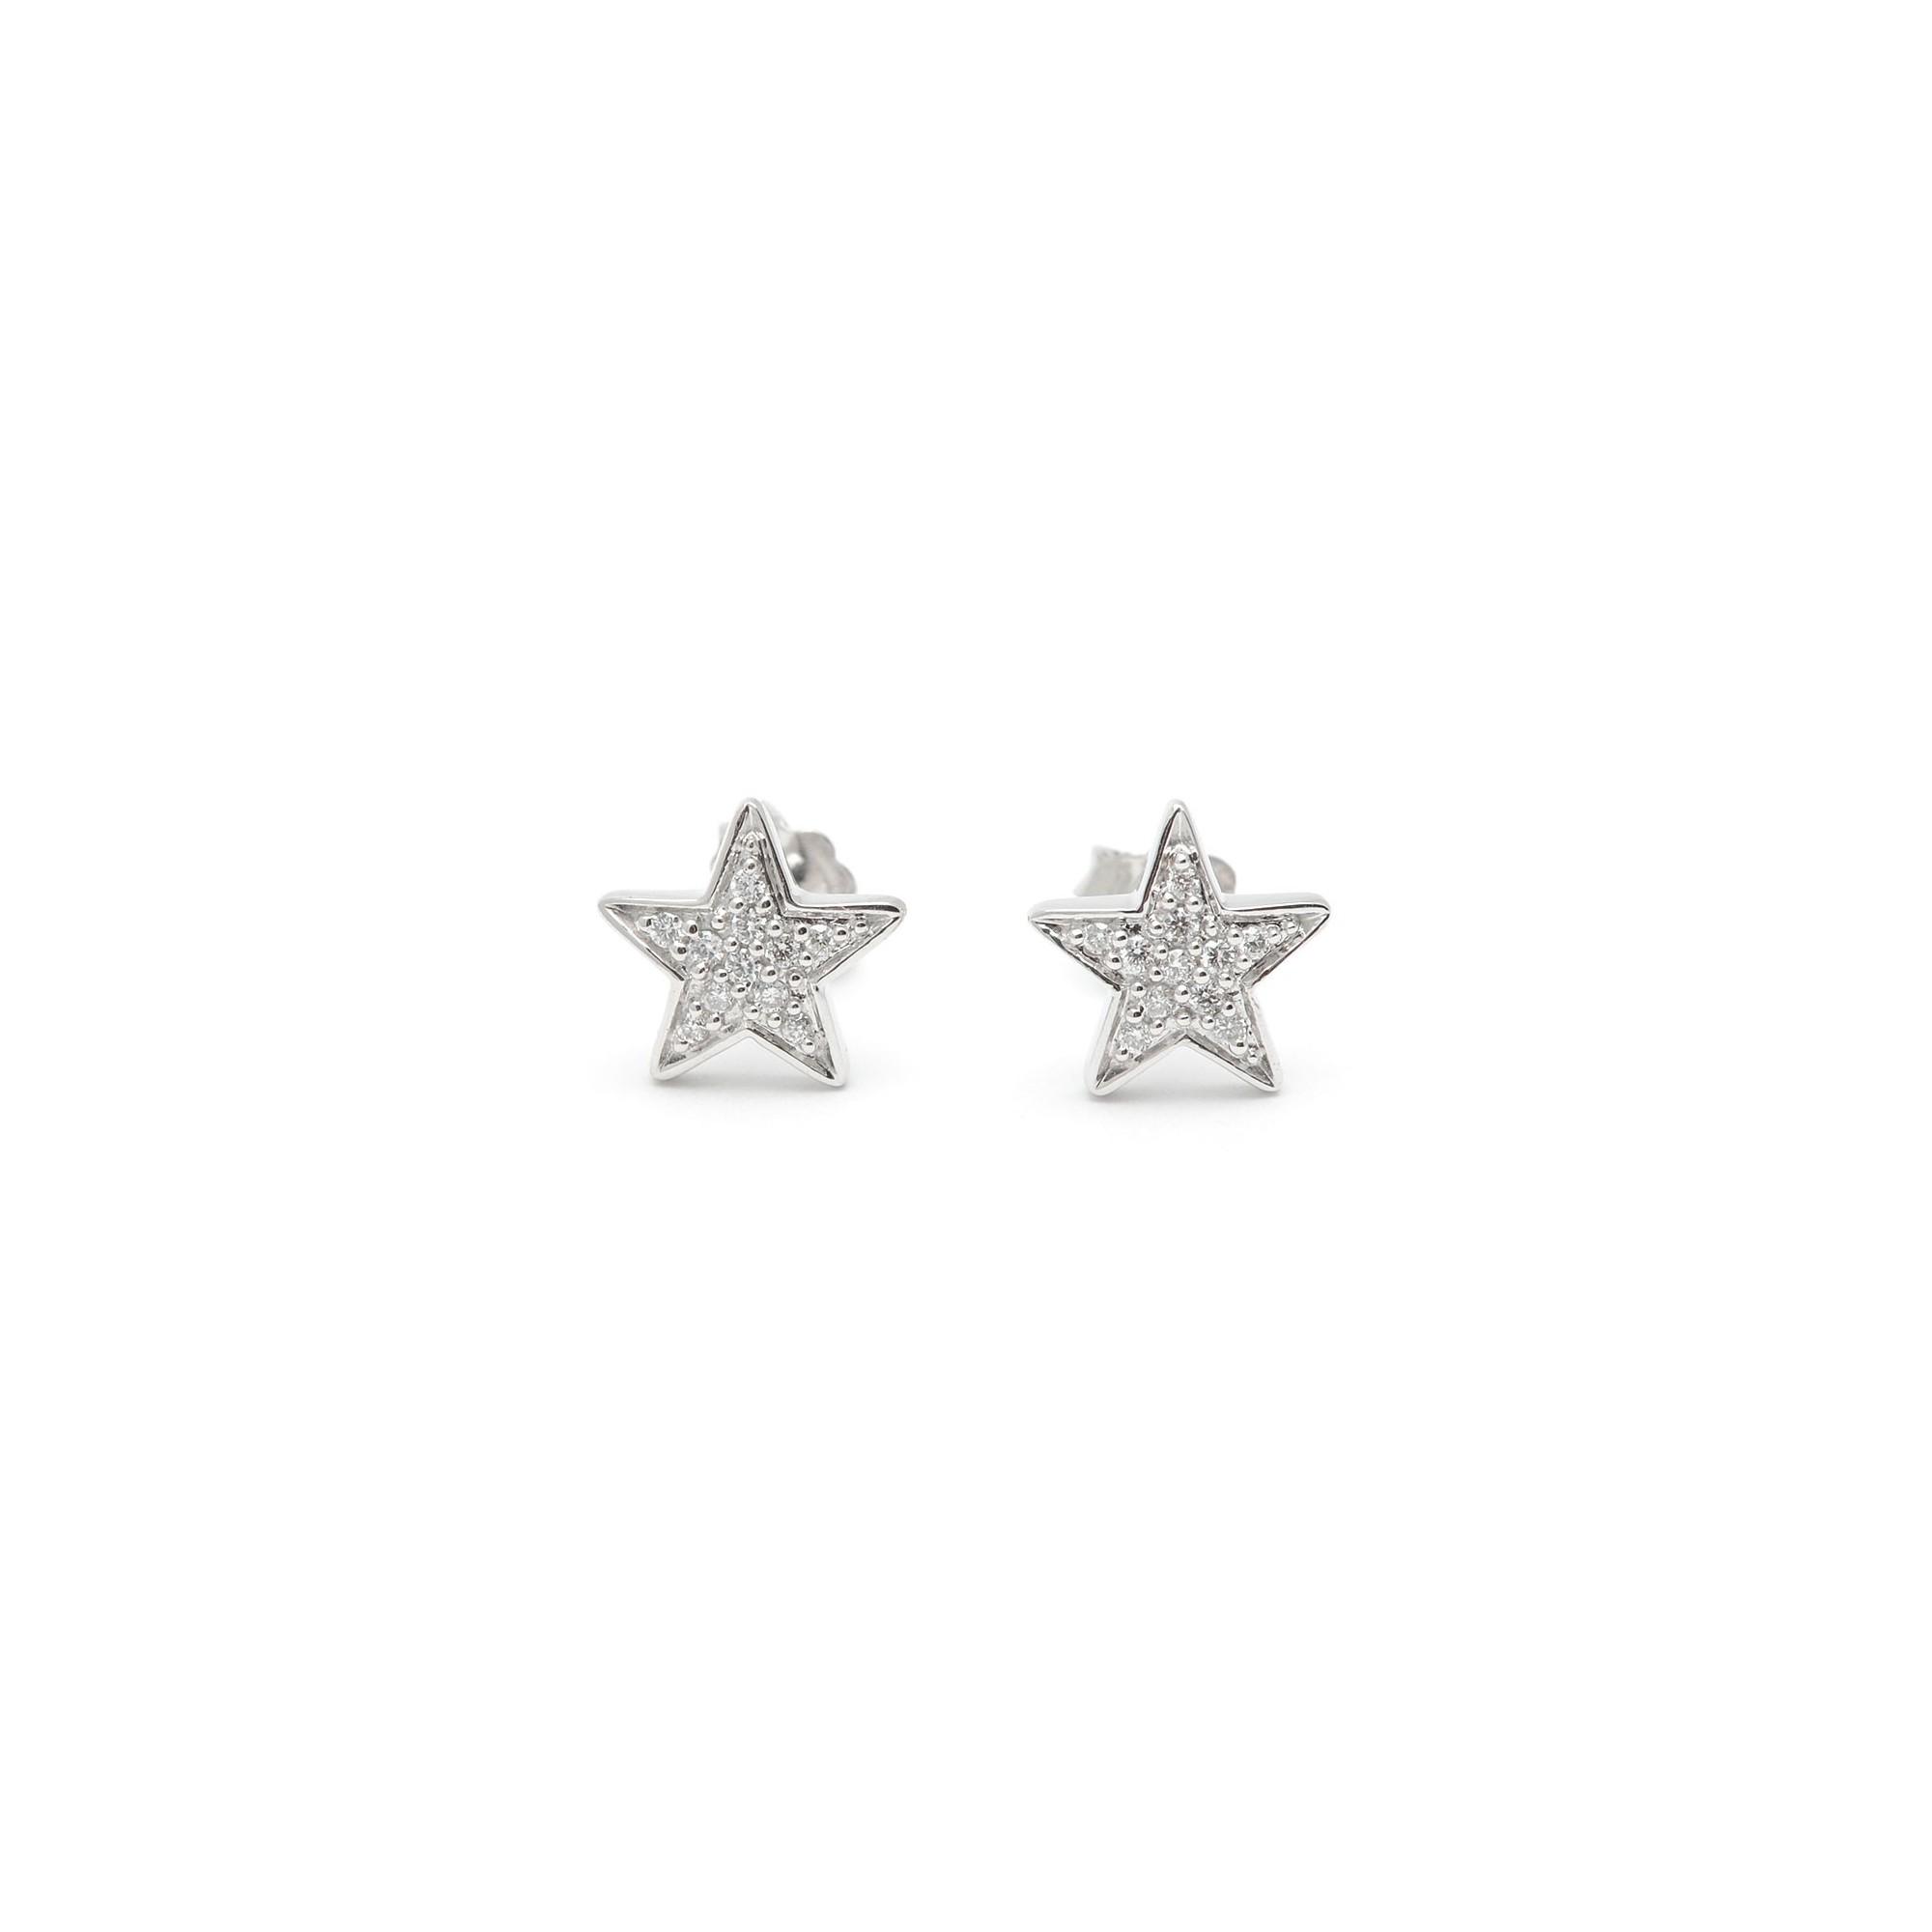 Pendientes Diamantes Oro Blanco Estrella; Pendientes Diamantes Oro Blanco Estrella